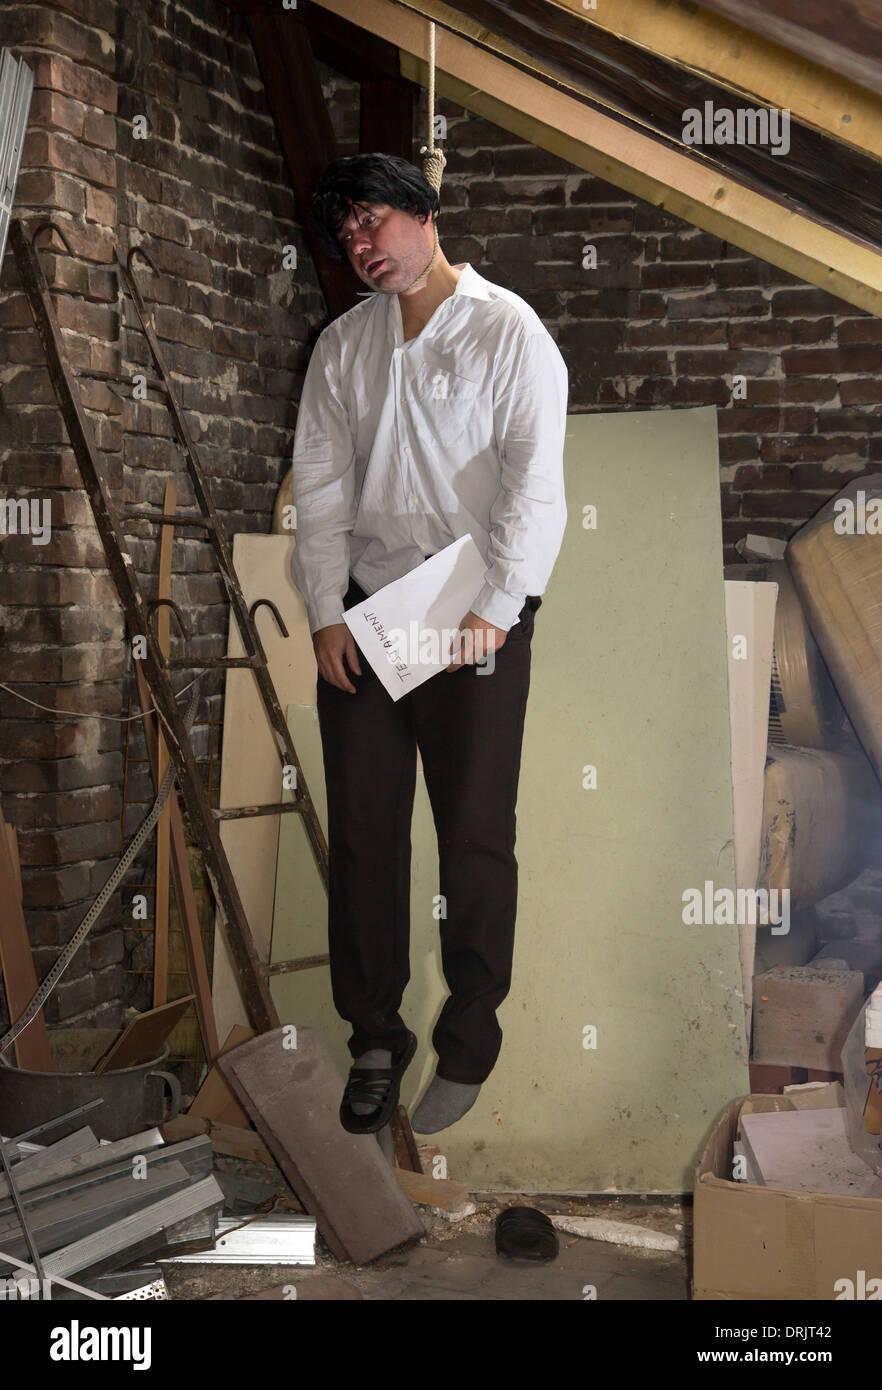 Mann ist auf dem Dachboden erhängt Stockfoto, Bild